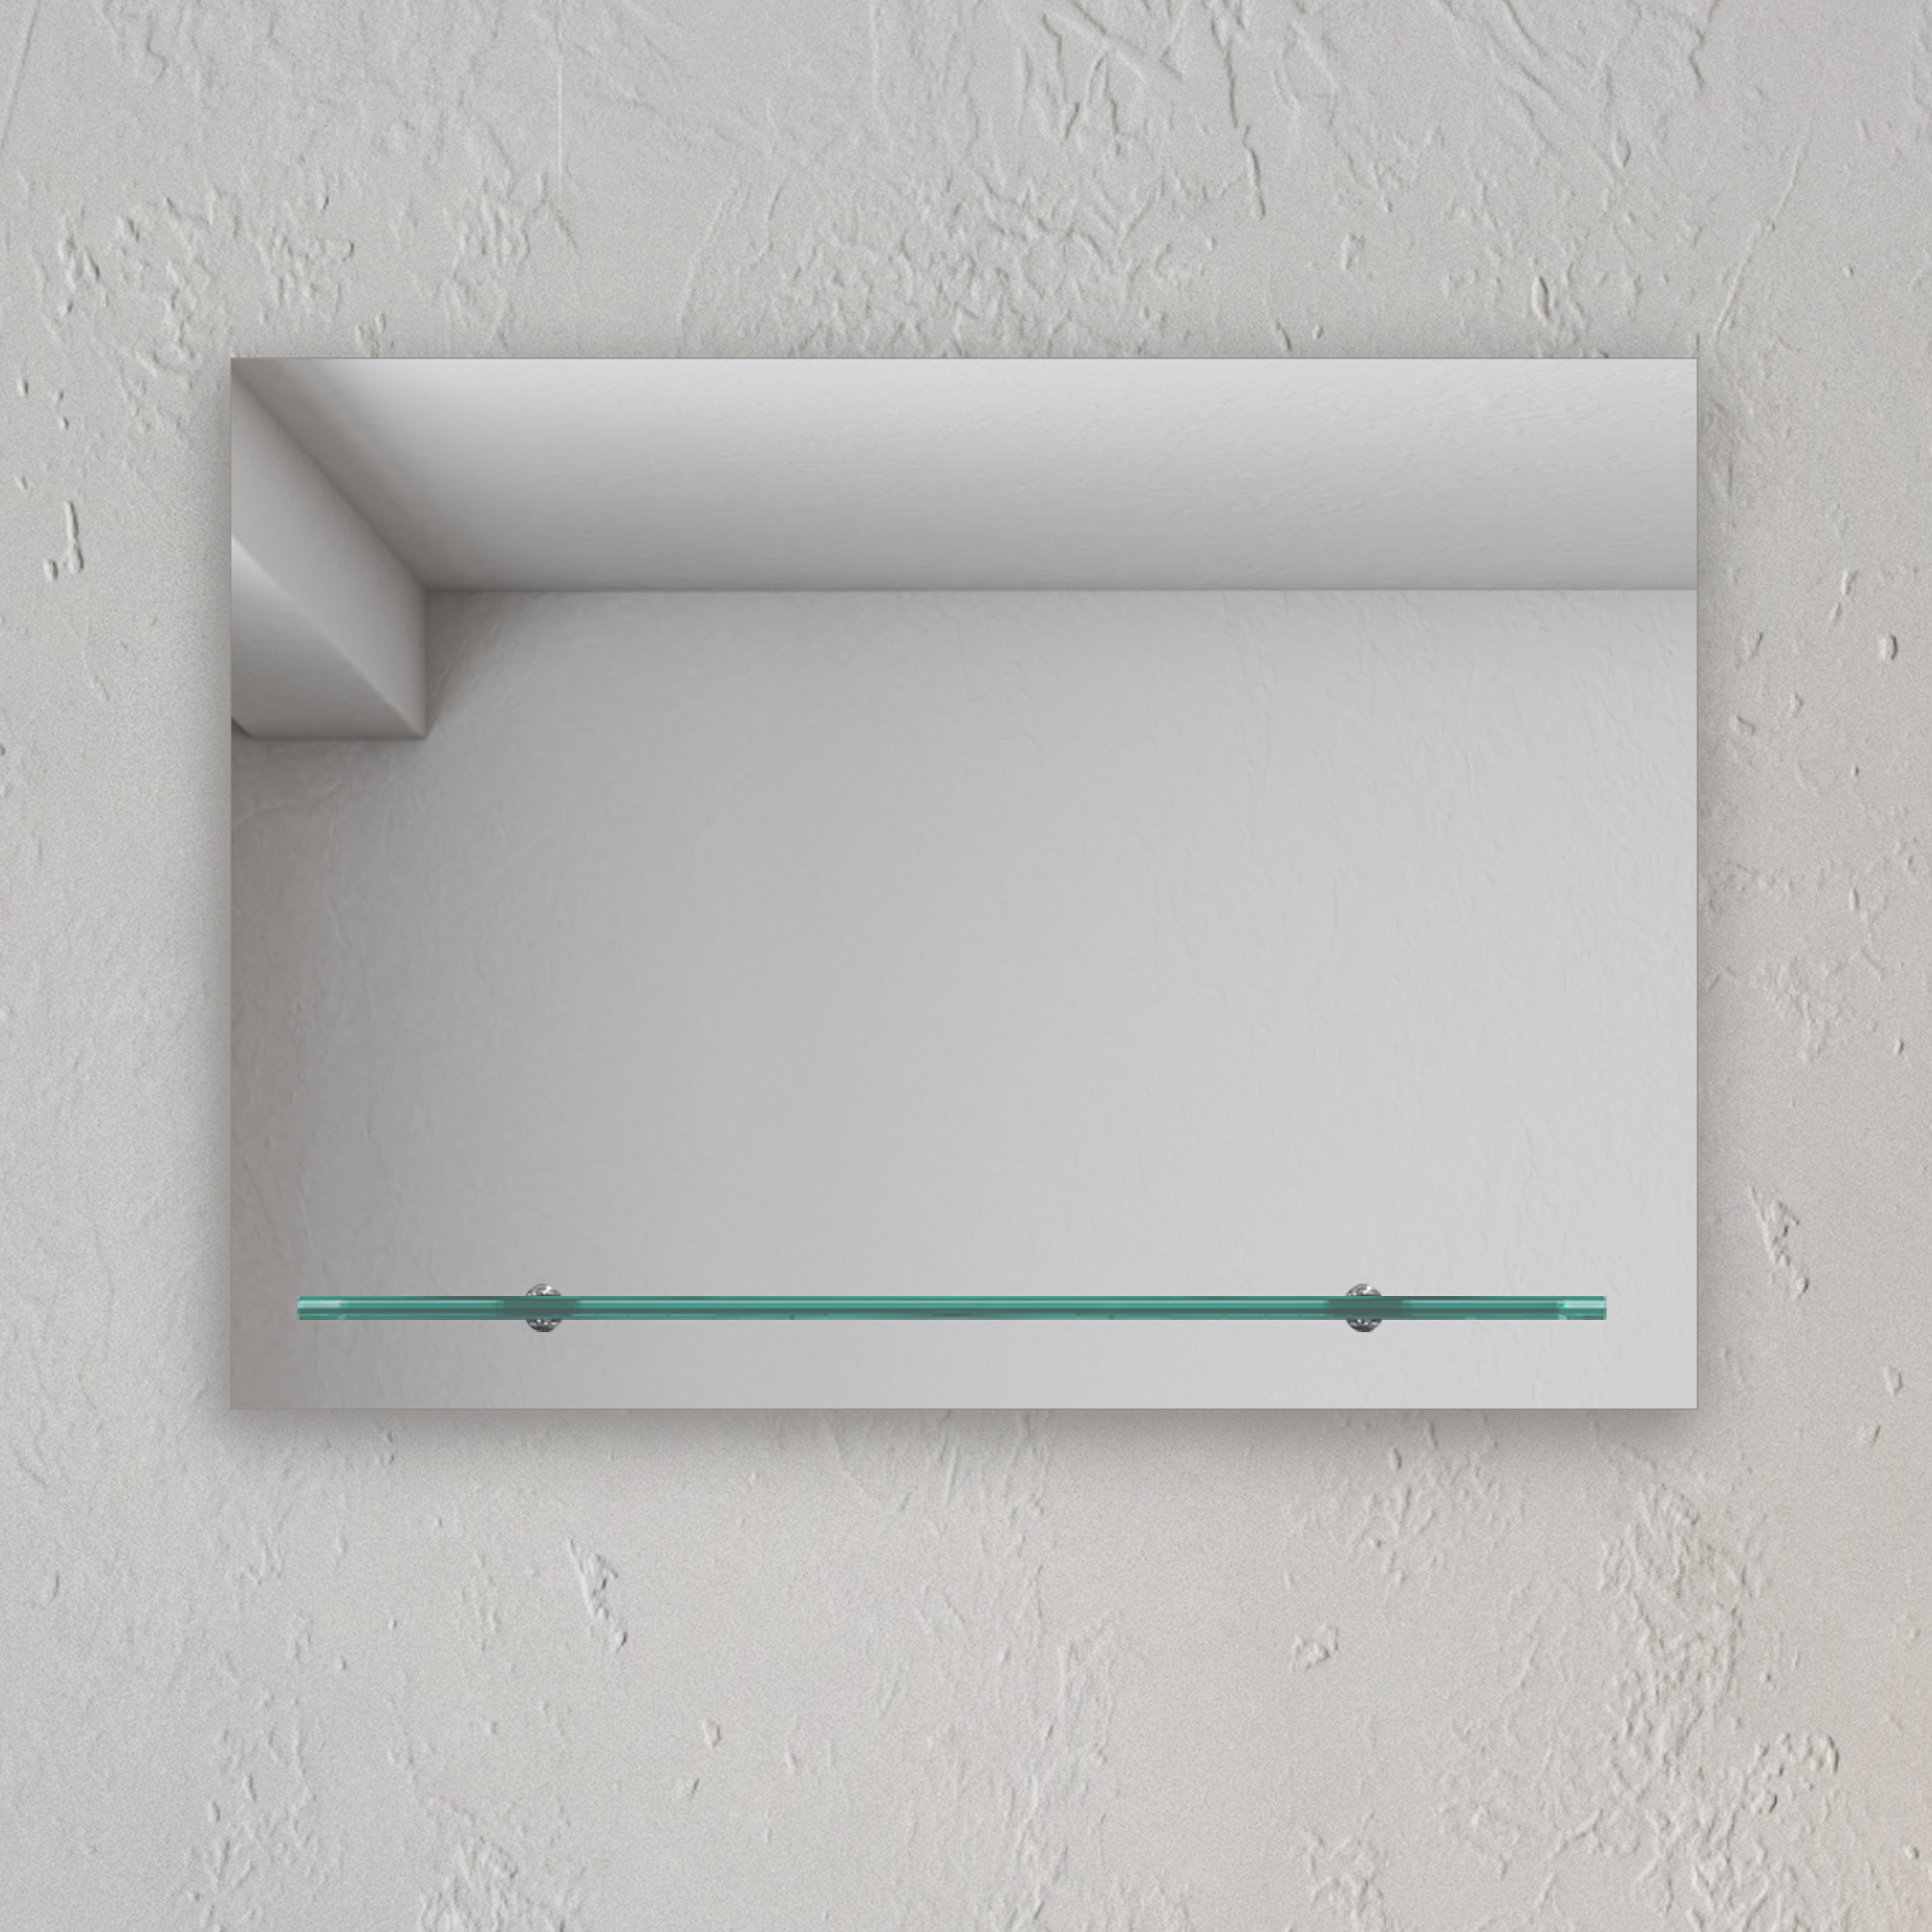 Wandspiegel Badezimmer Badspiegel Spiegel Mit Glasablage